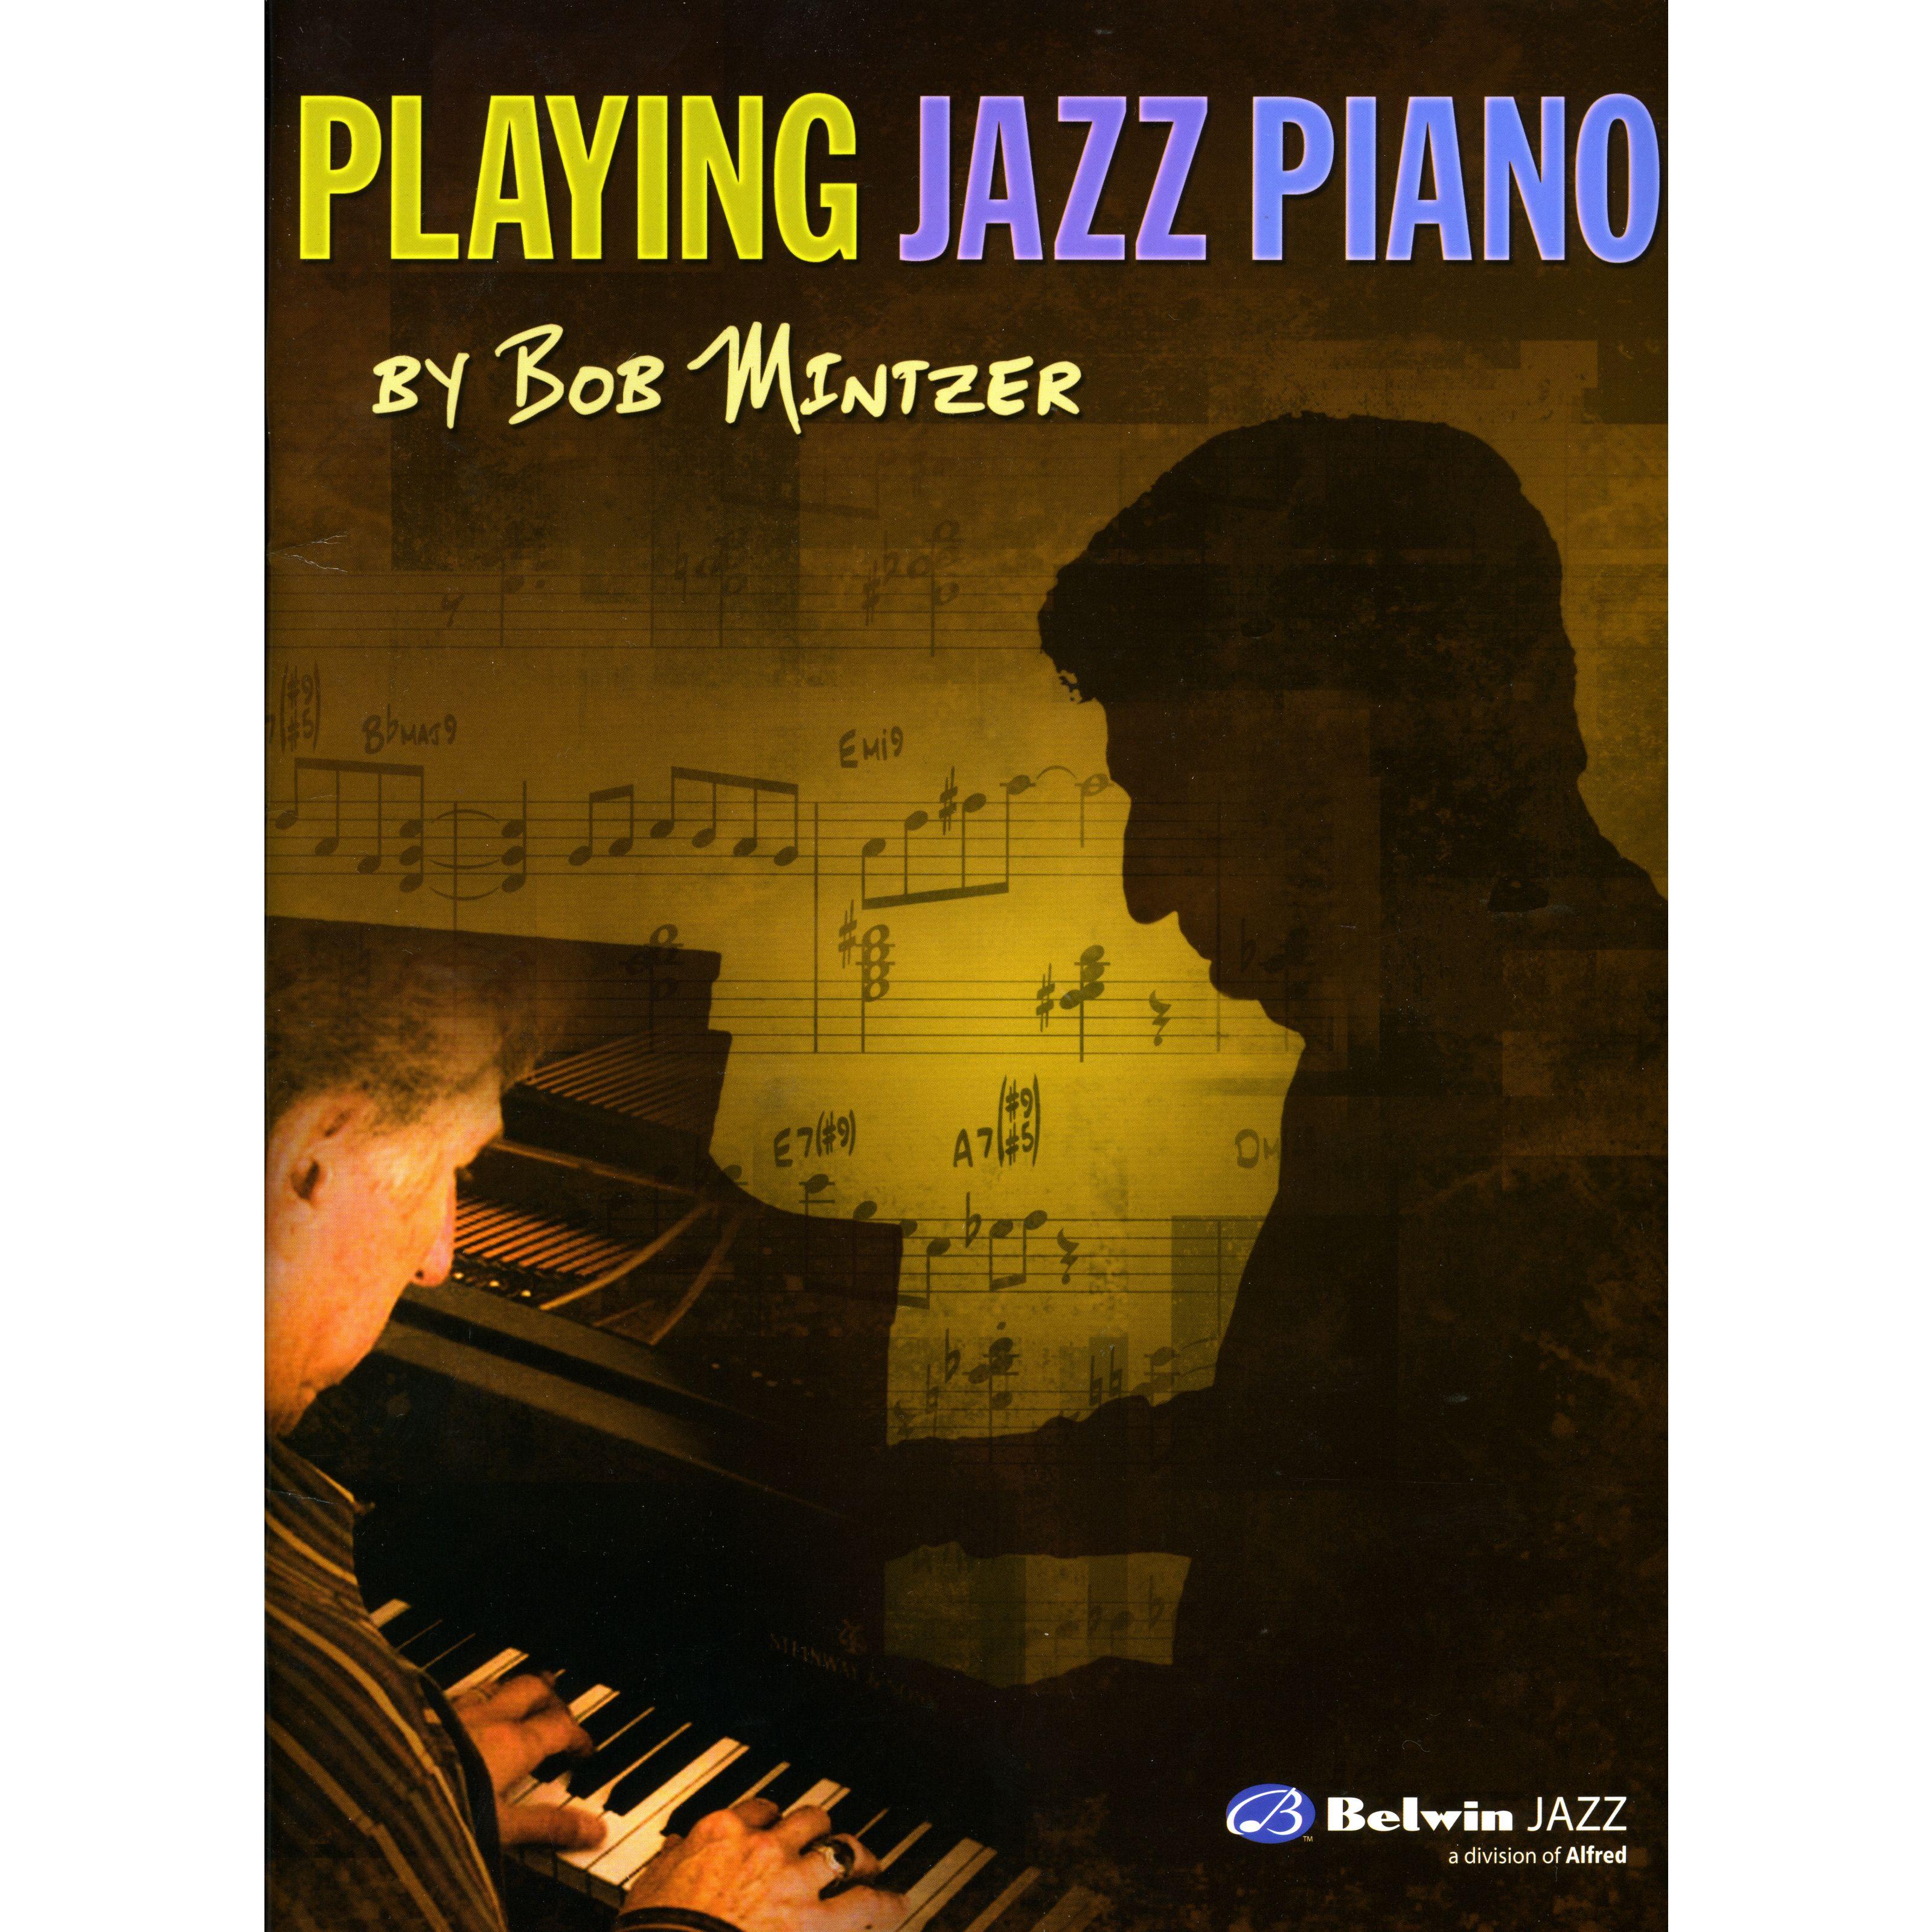 Alfred Music - Playing Jazz Piano Bob Mintzer 00-29827